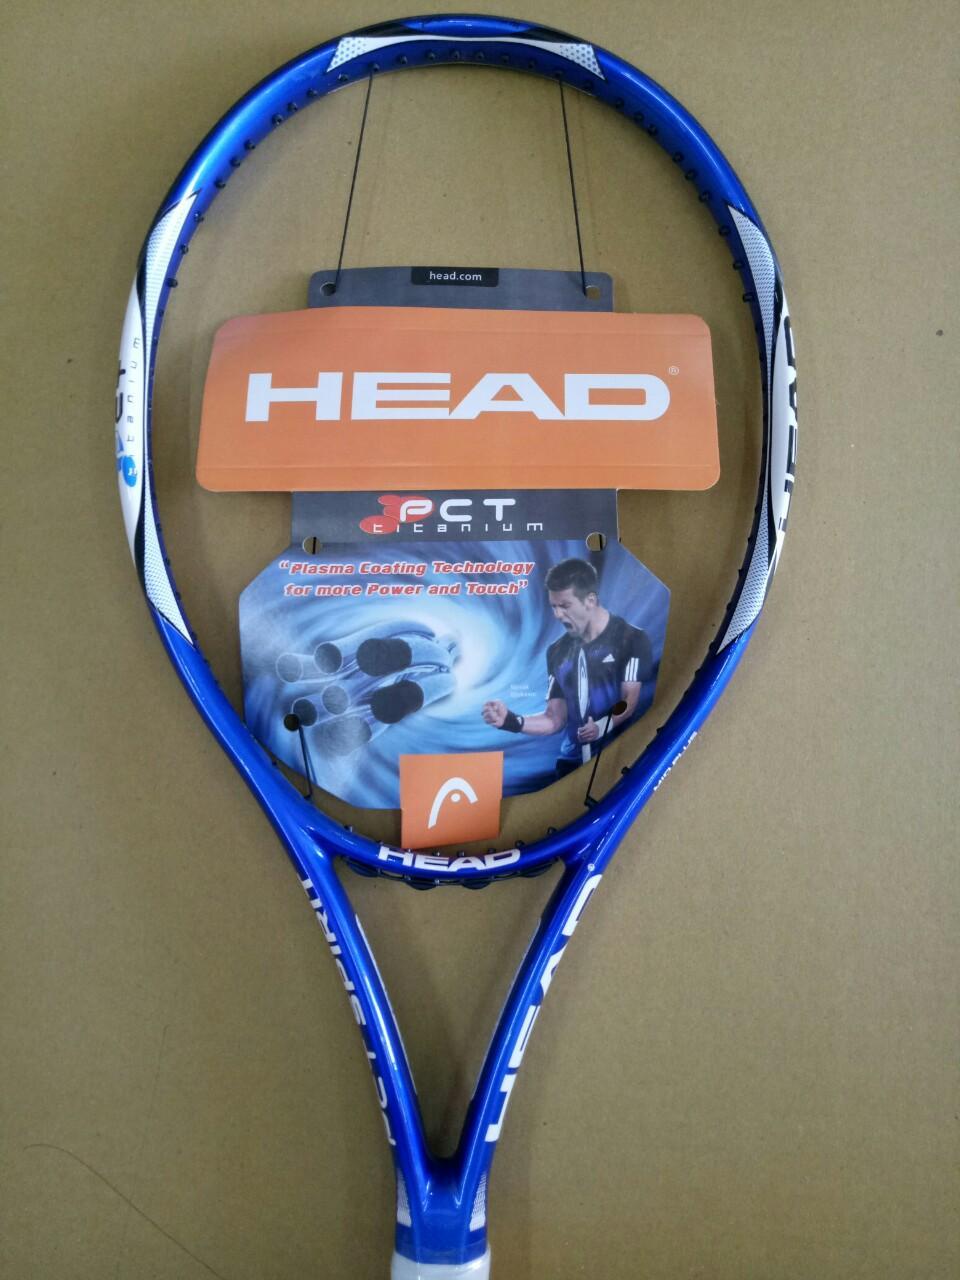 Bảng giá Vợt tennis HEAD 255g - tặng căng cước quấn cán và bao vợt - ảnh thật sản phẩm